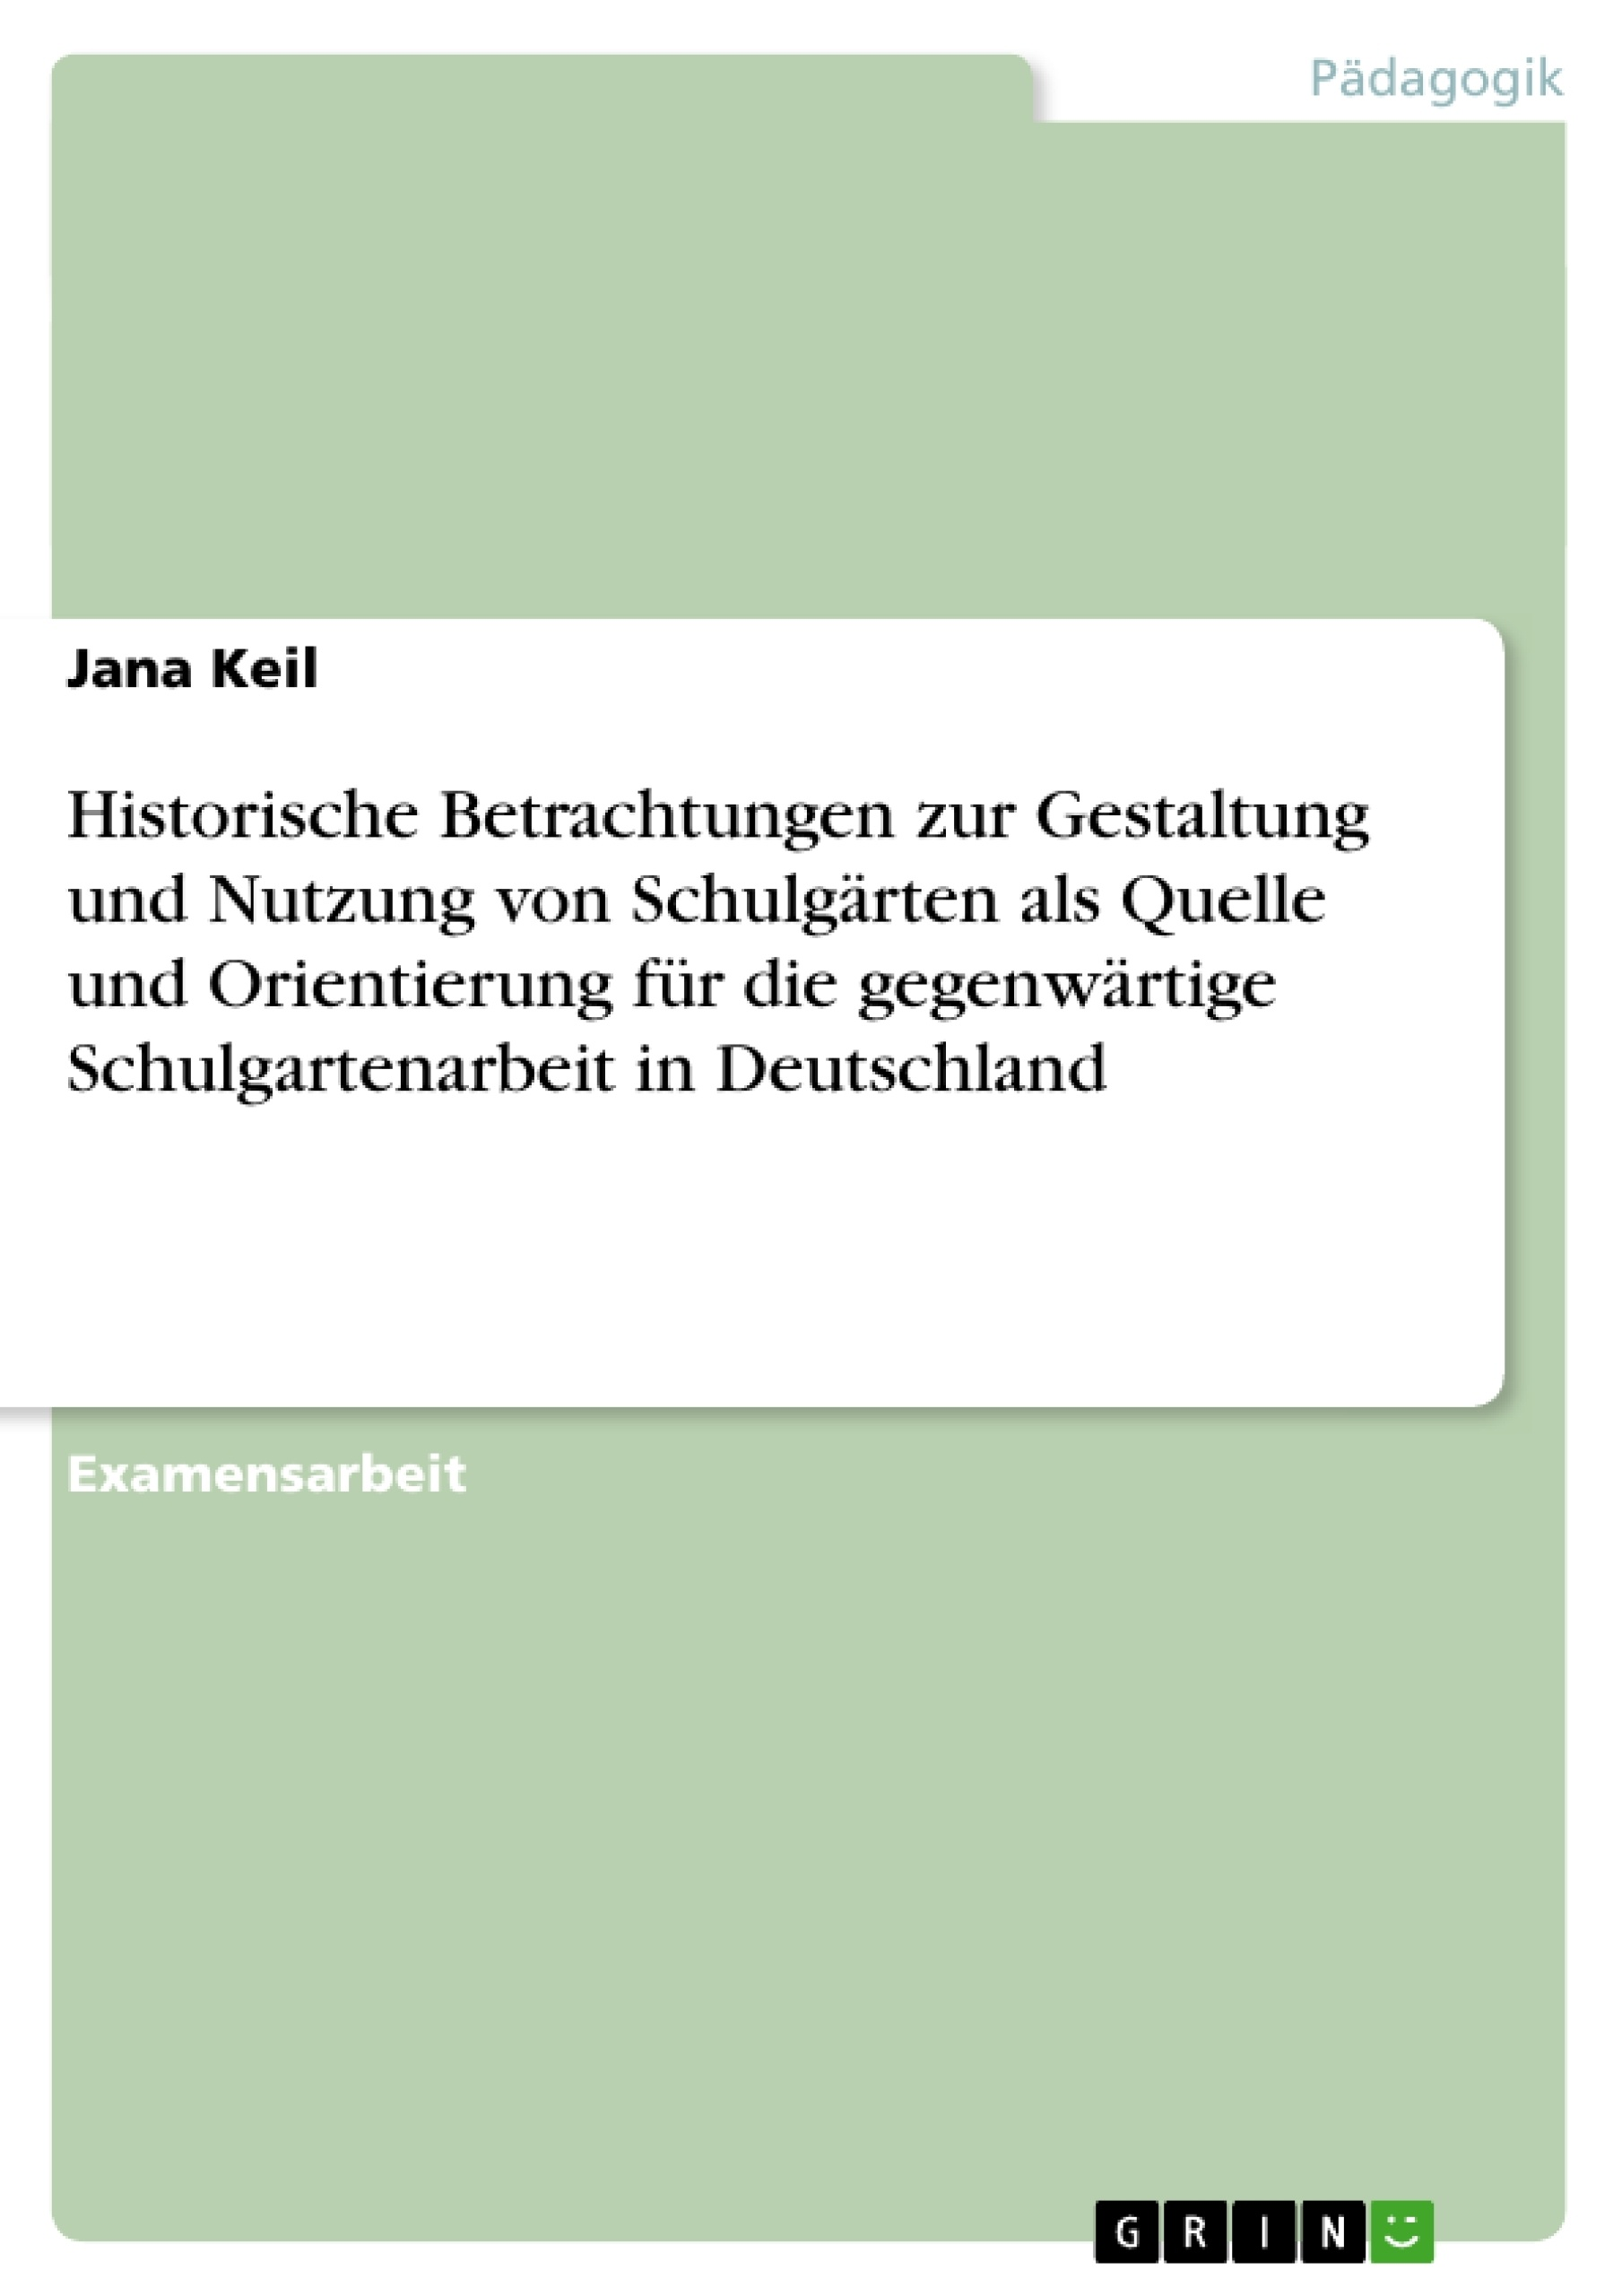 Titel: Historische Betrachtungen zur Gestaltung und Nutzung von Schulgärten als Quelle und Orientierung für die gegenwärtige Schulgartenarbeit in Deutschland